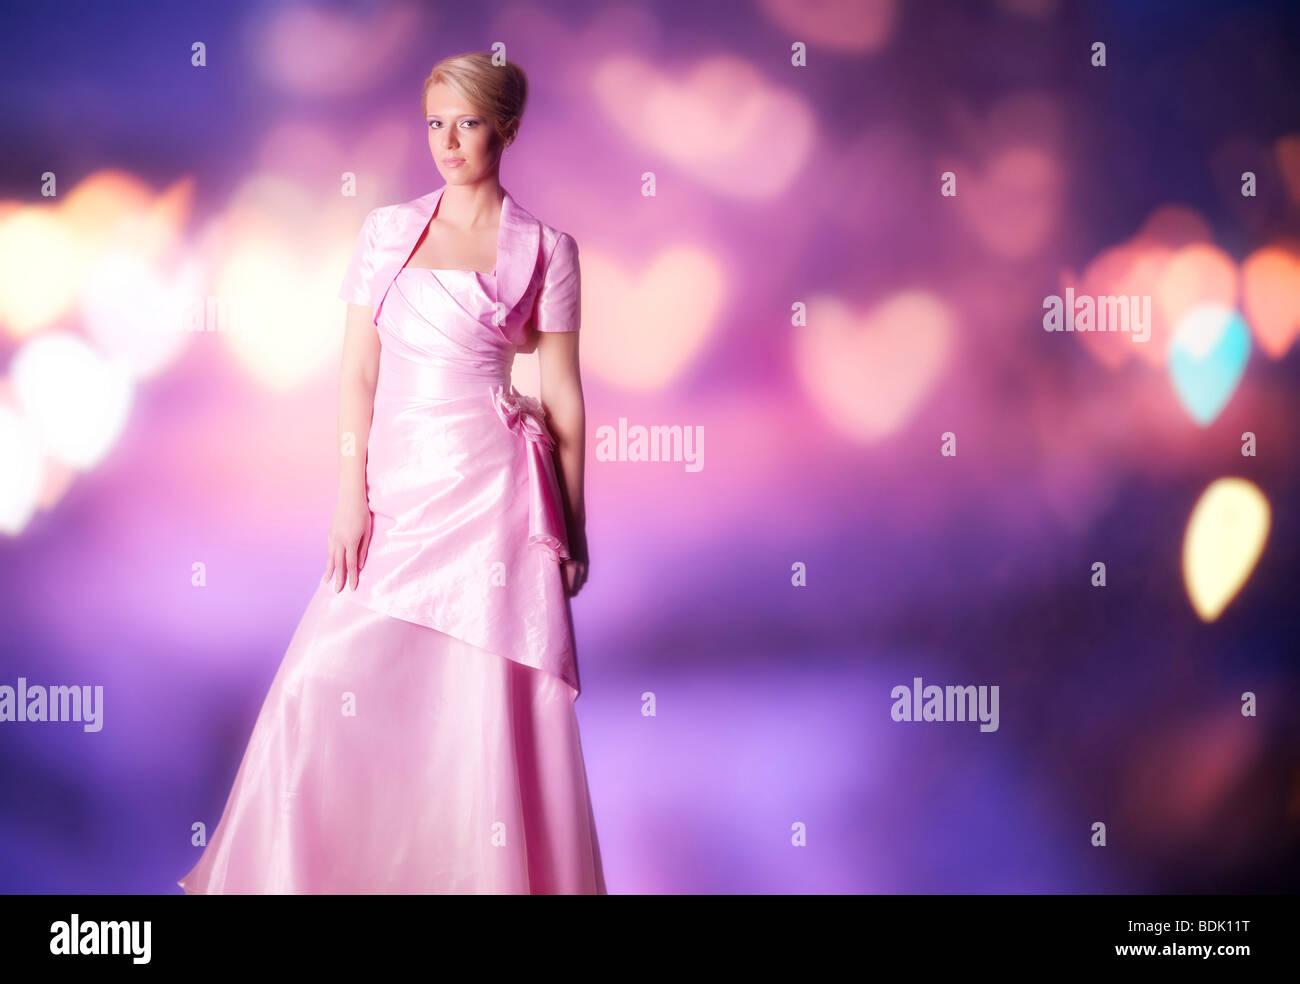 Frau in rosa Kleid auf abstrakte unscharfen Hintergrund. Stockbild